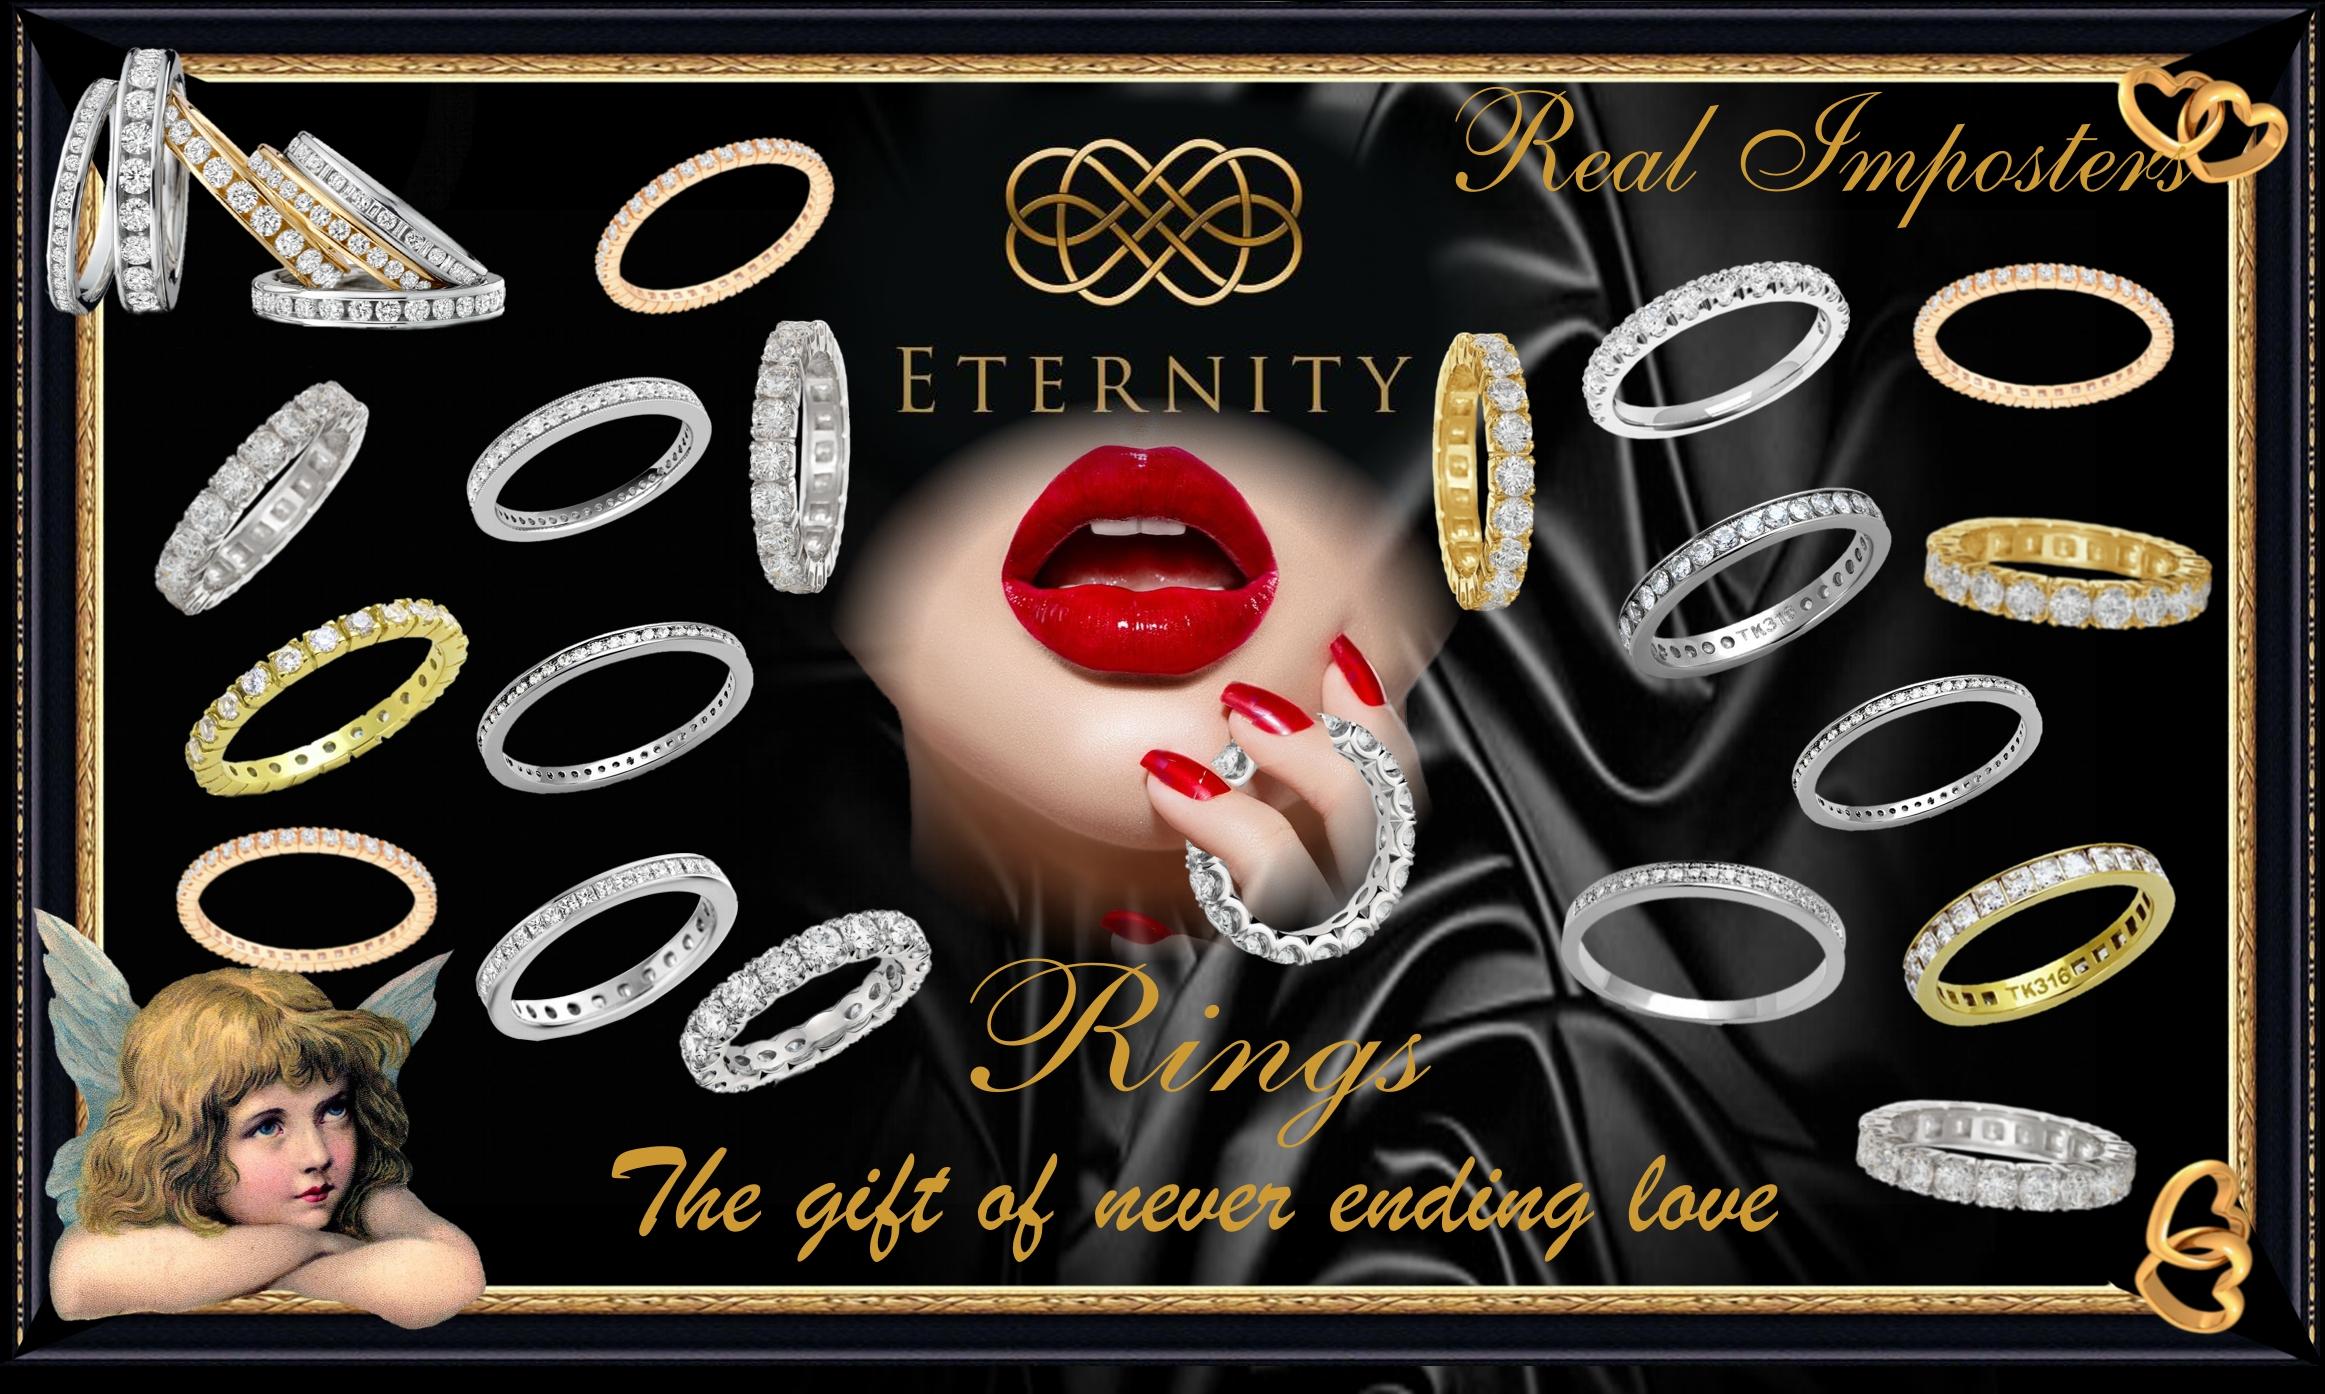 00 eternity